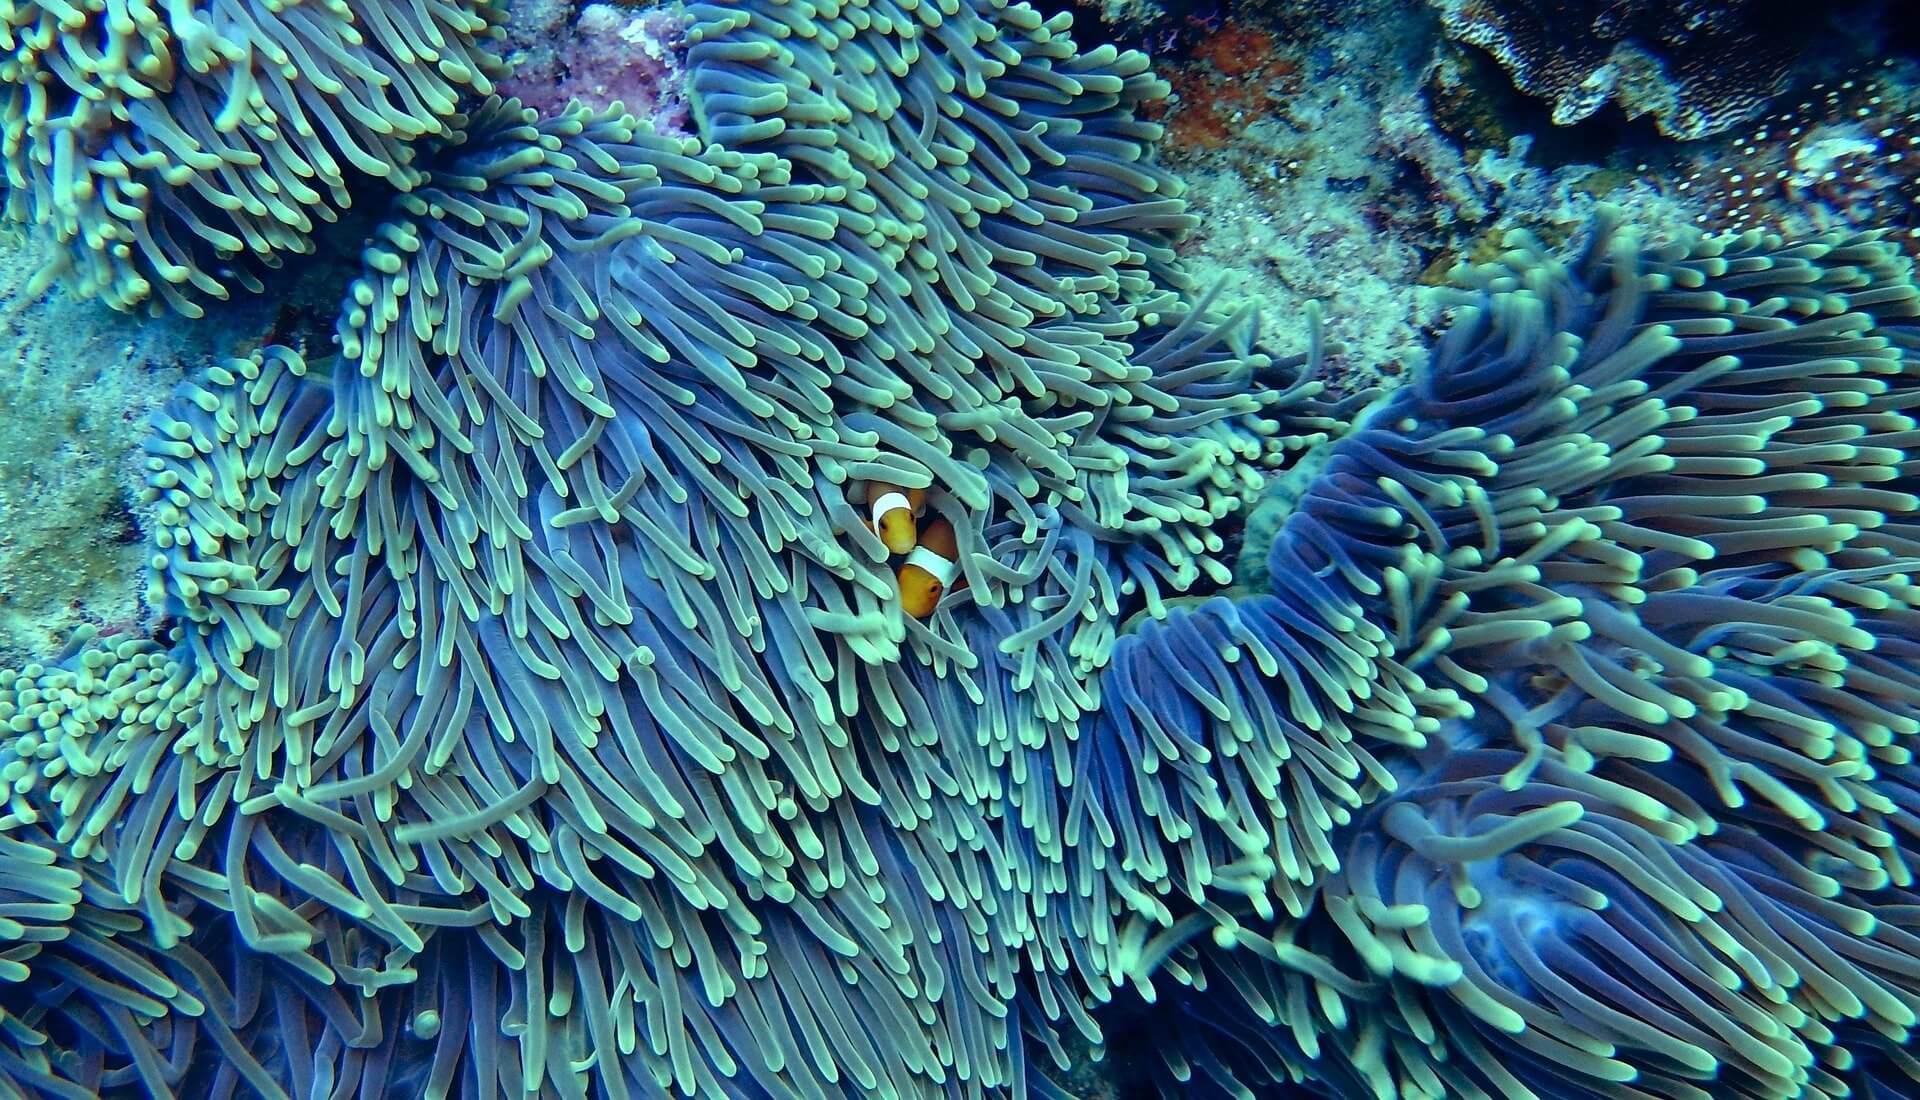 Hình ảnh san hô dưới biển cực đẹp